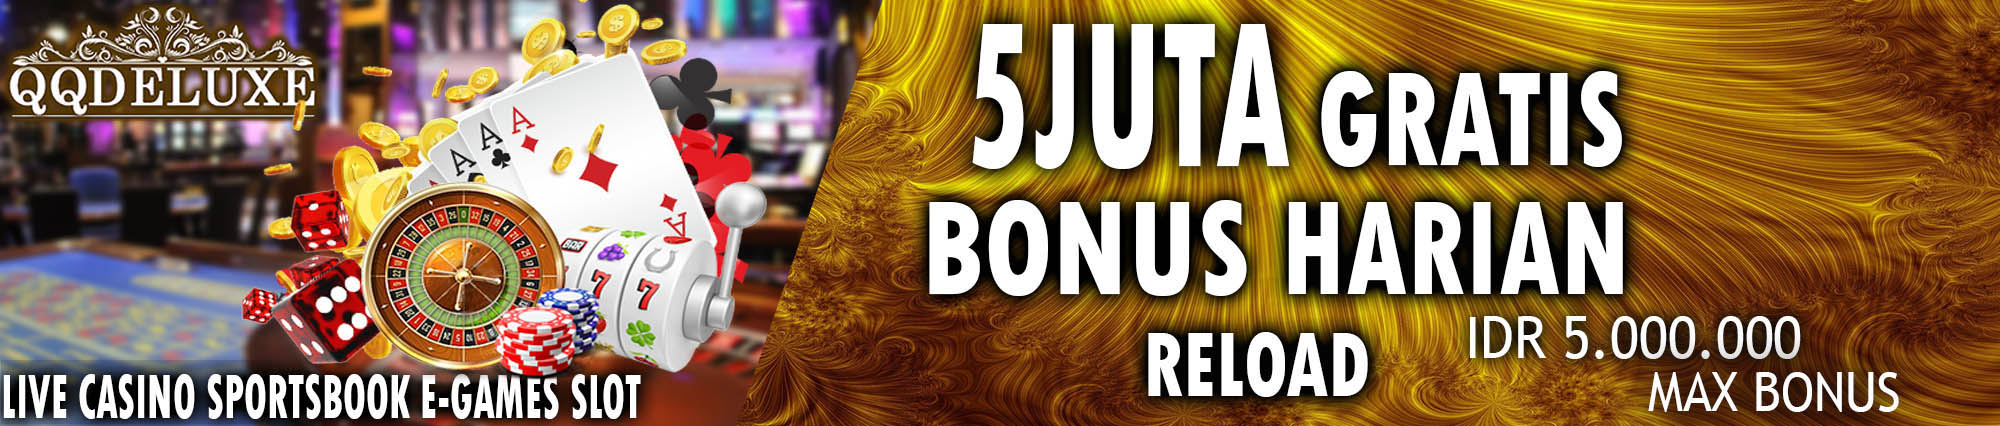 bonus terbesar judi online resmi